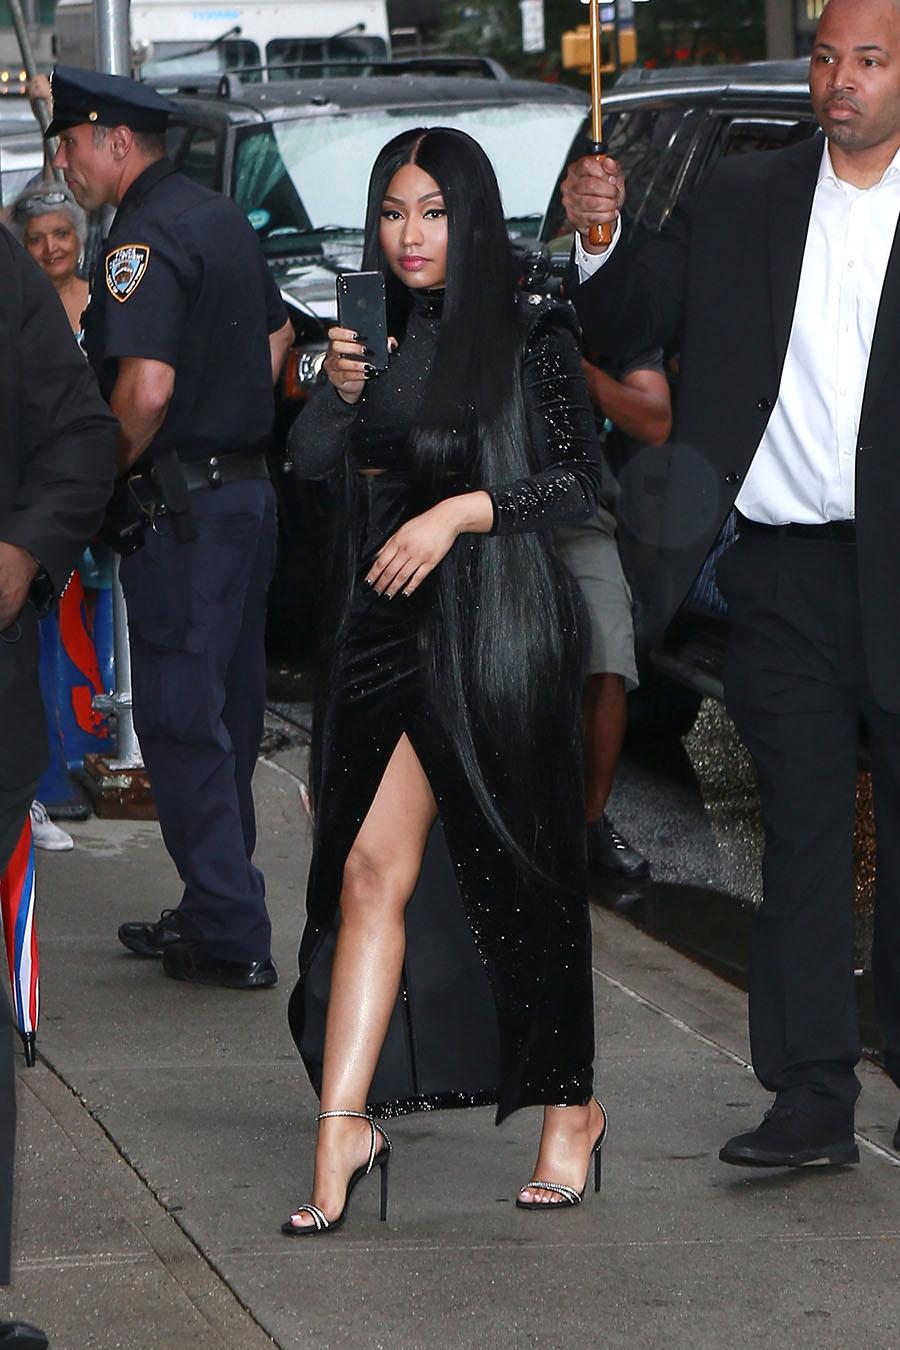 Paparazzi Nikki Minaj nude photos 2019